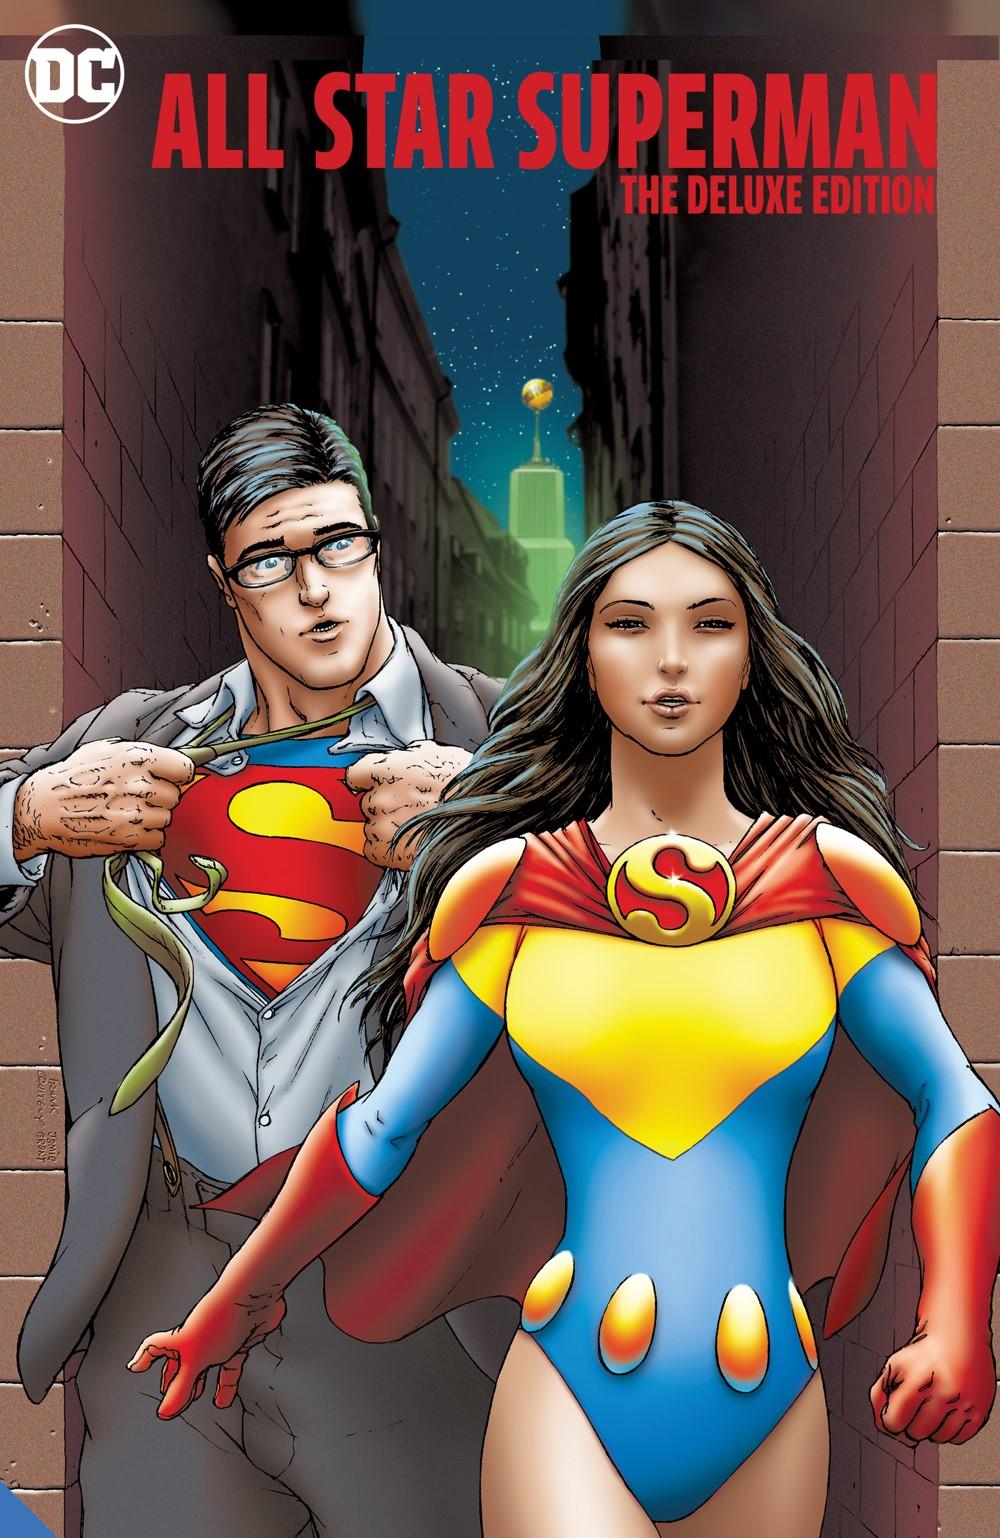 allstarsuperman_deluxe_edition DC Comics November 2021 Solicitations